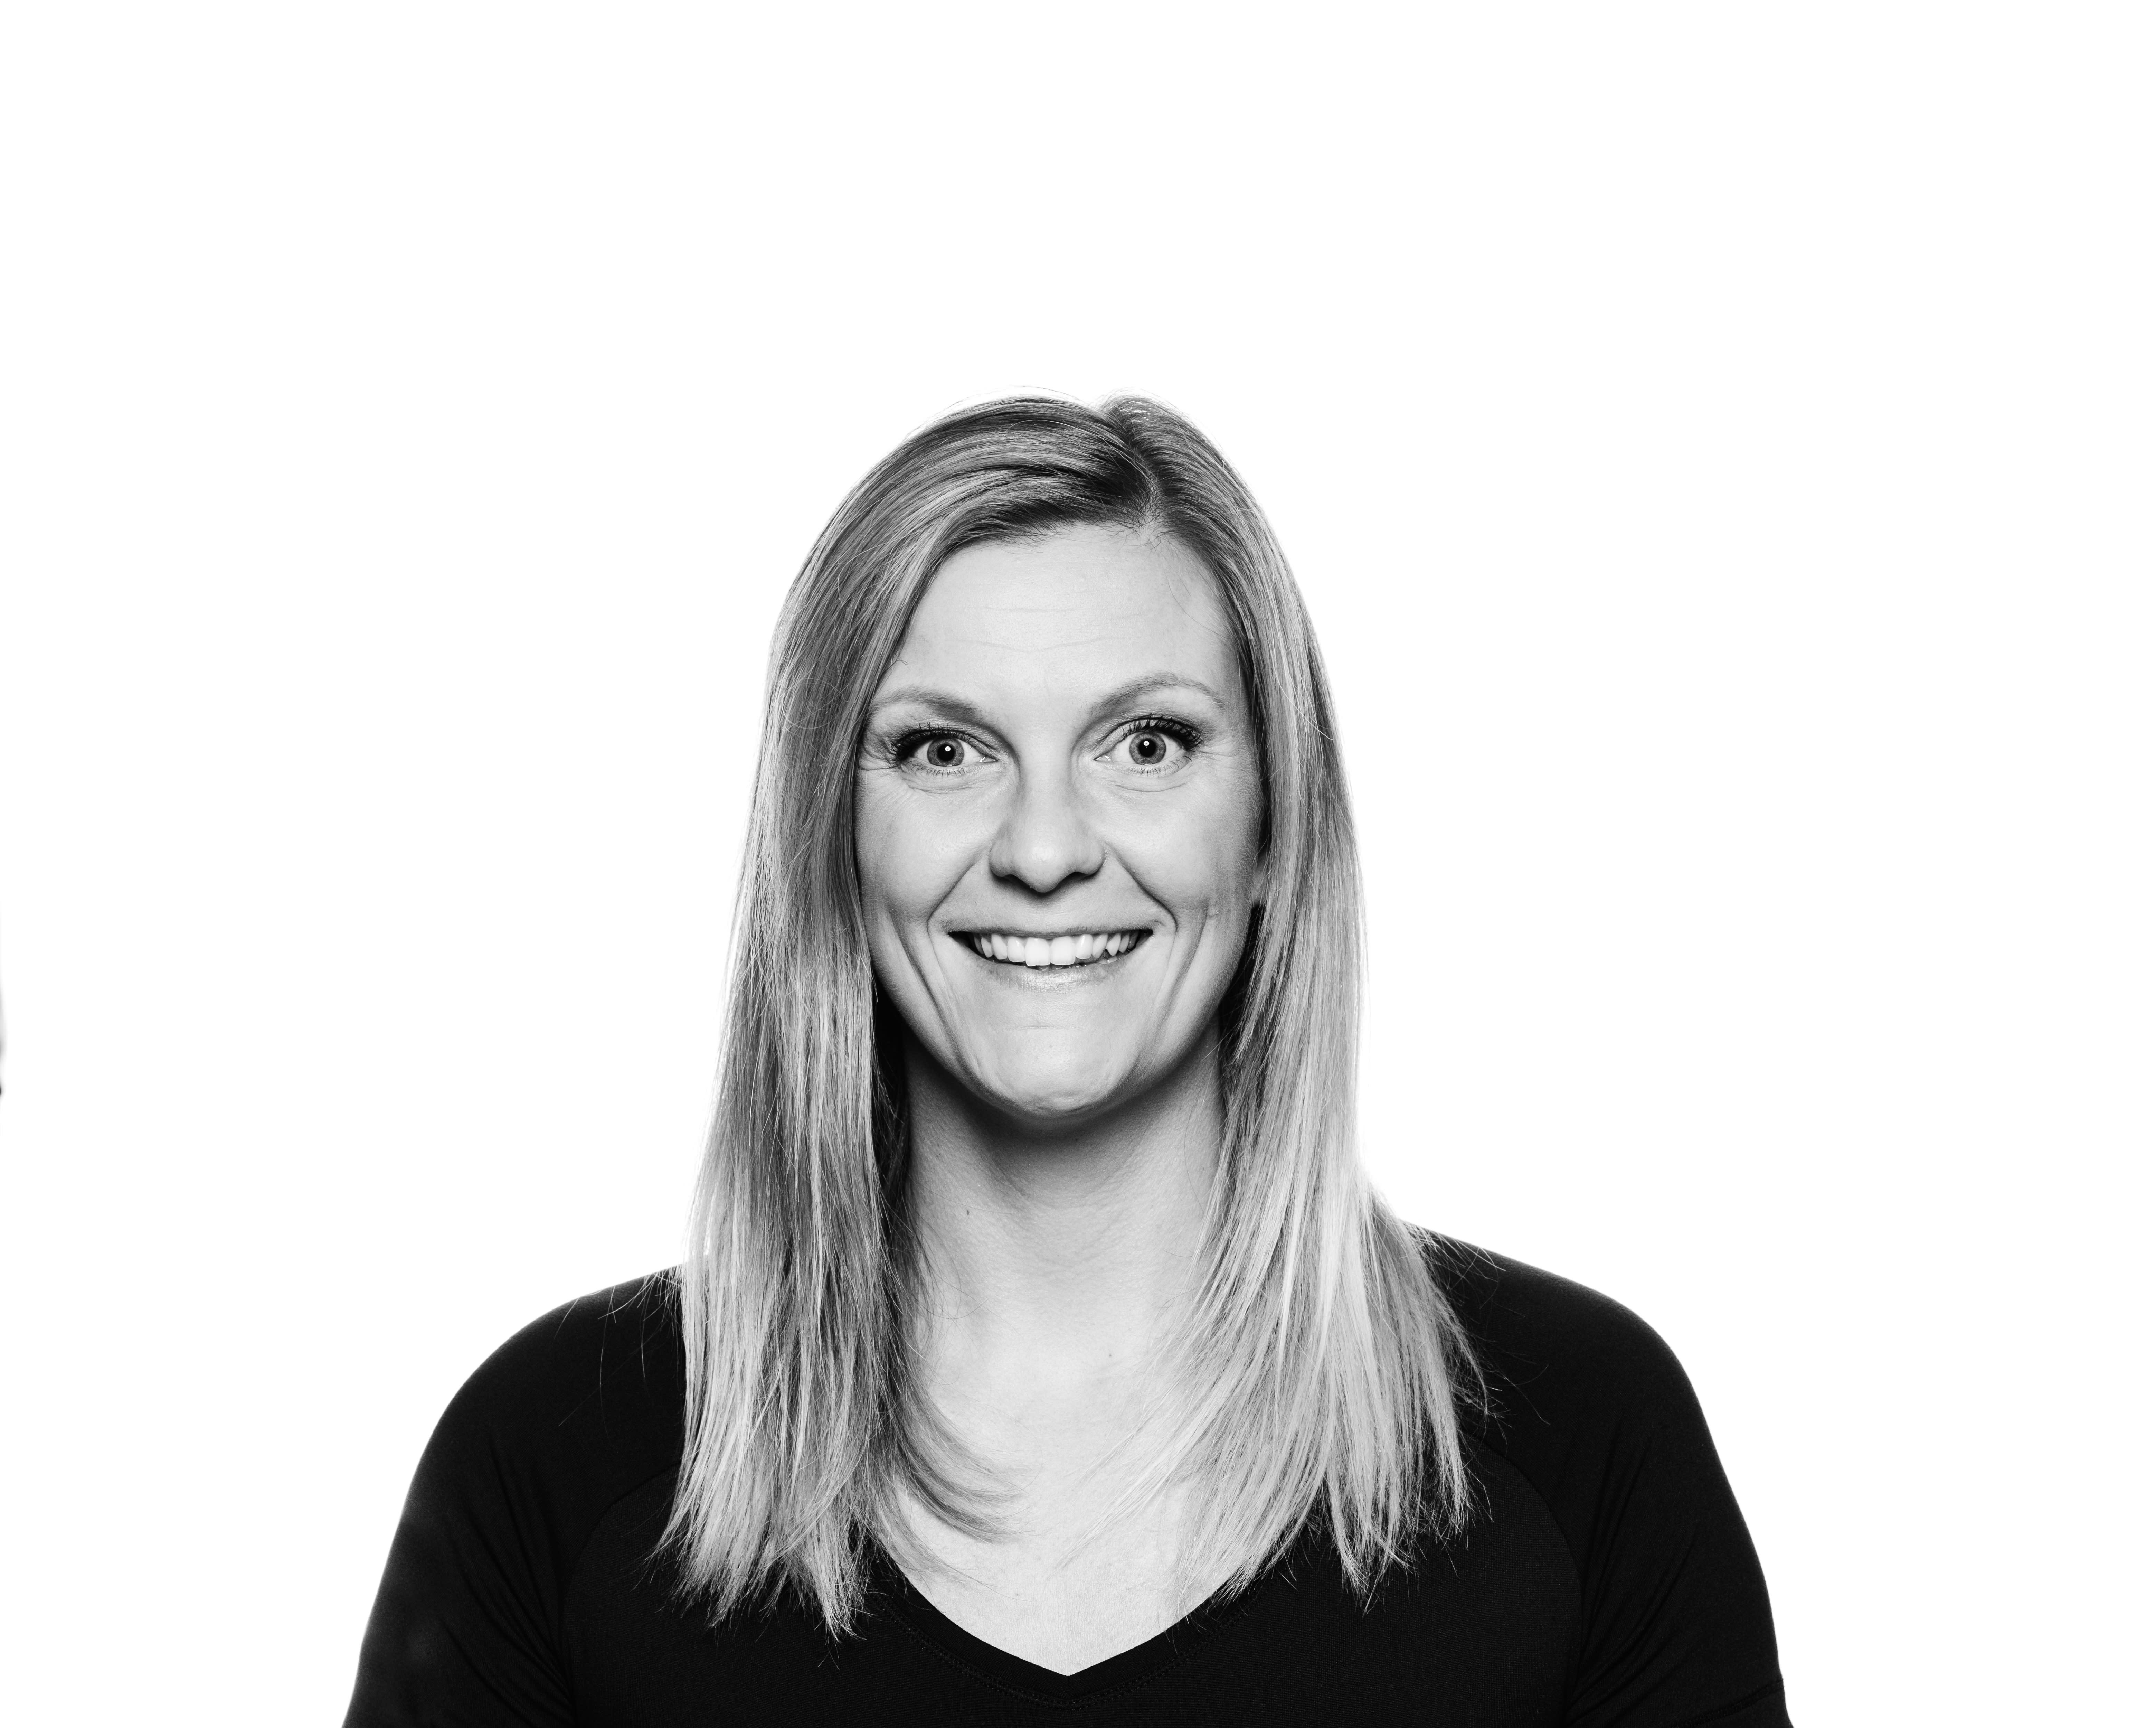 Camilla Aalkjær